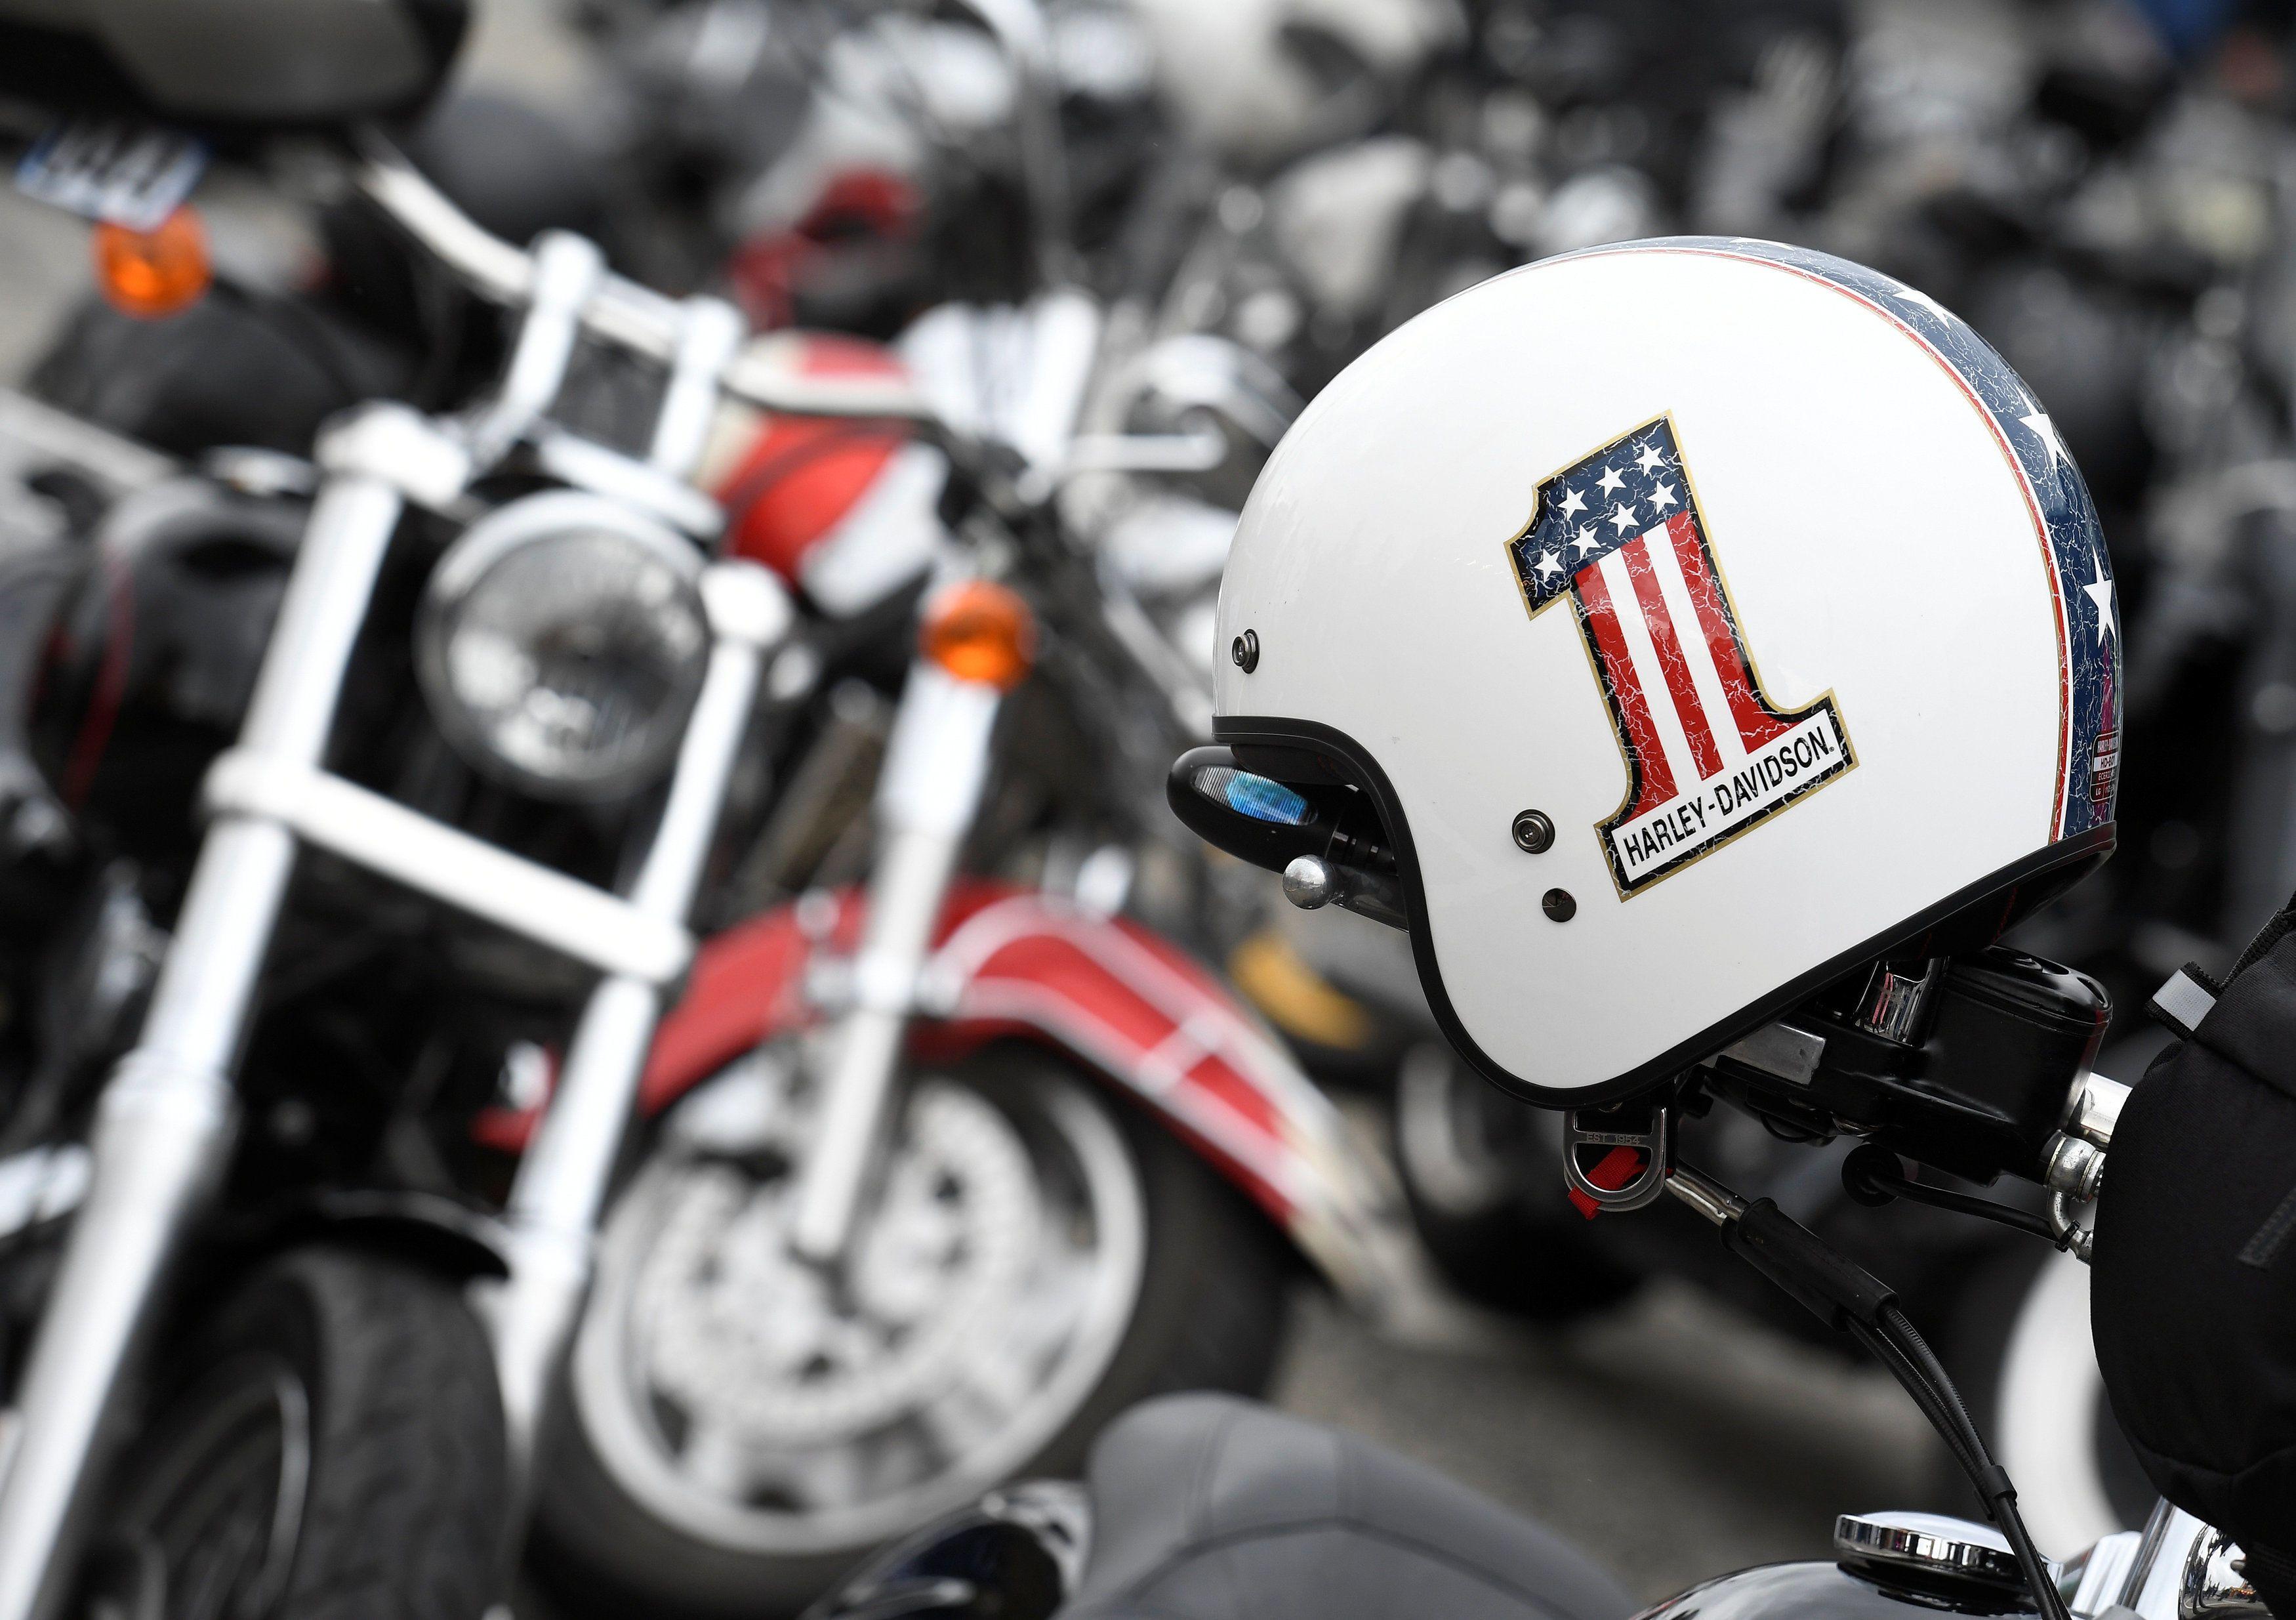 мотоцыклы Harley-Davidson, флаг США, прапор_1